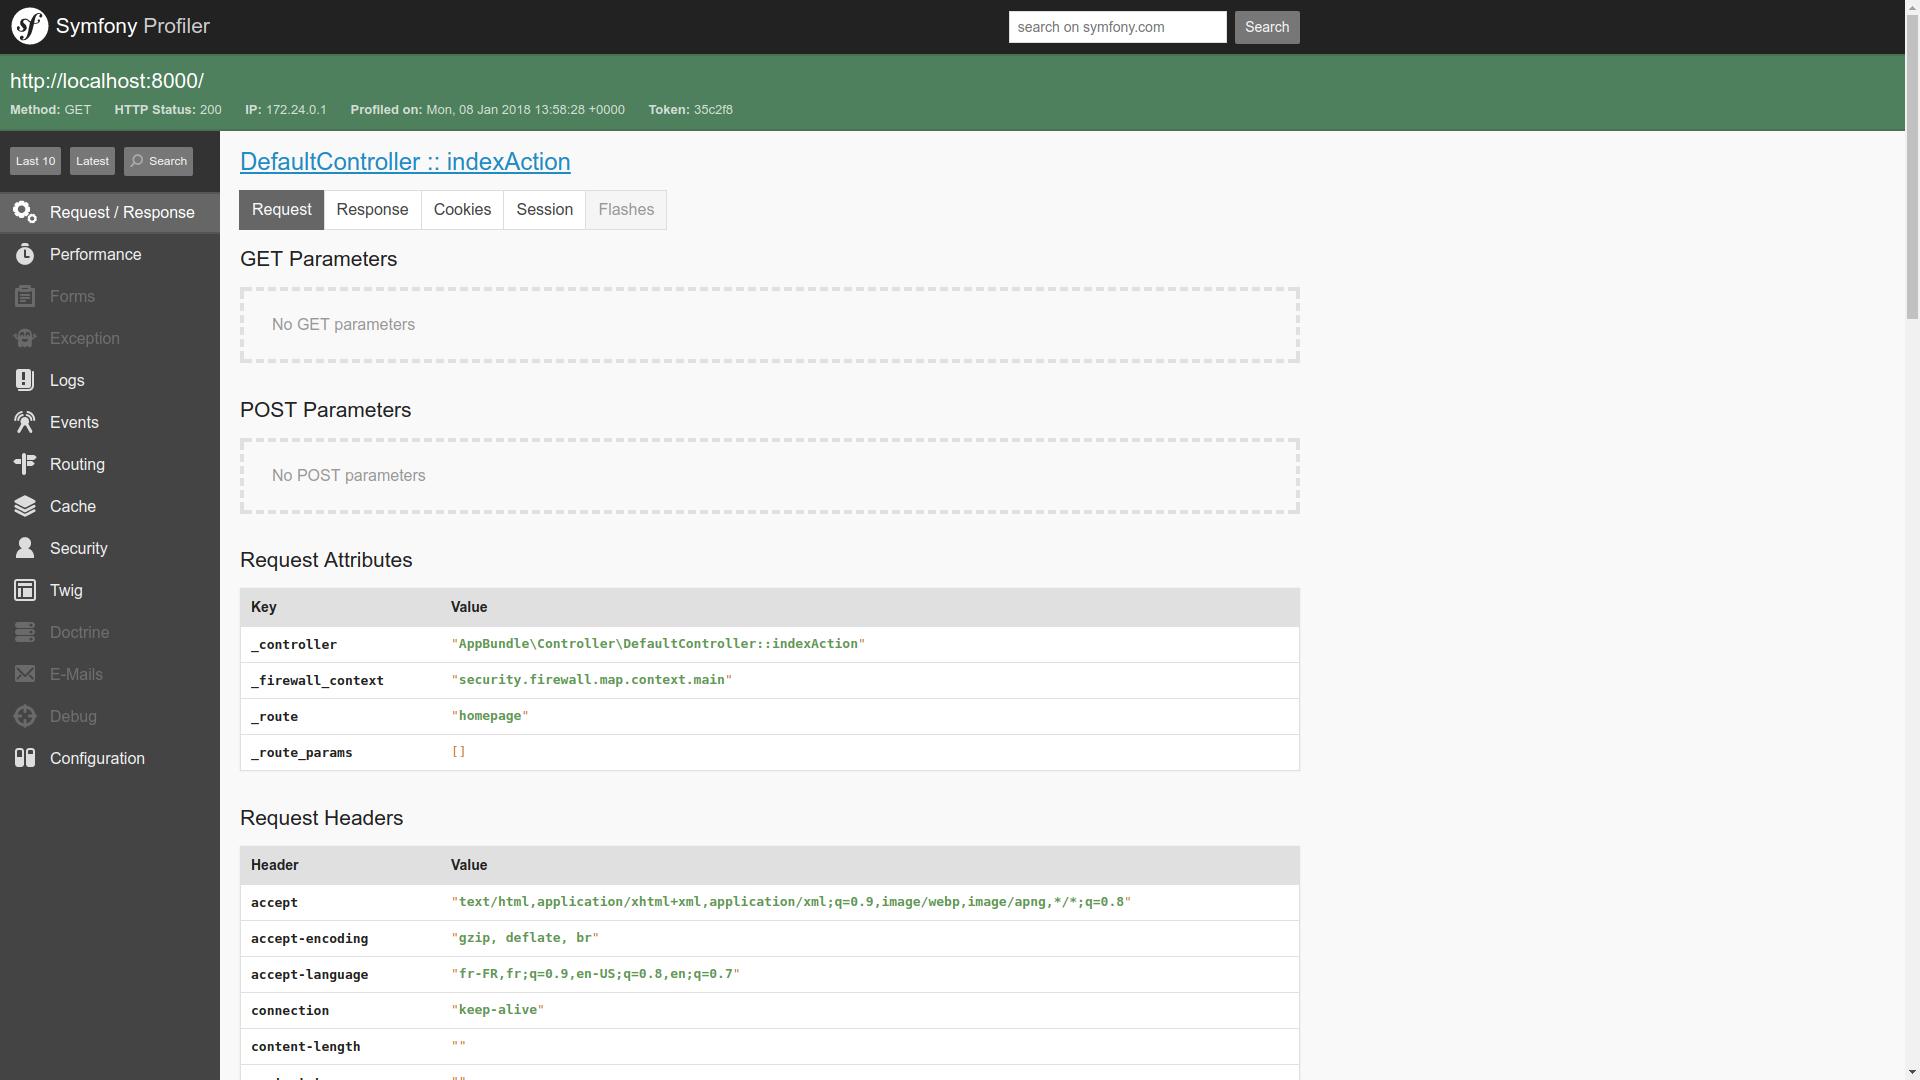 Le Web Profiler est composé de nombreux onglets utiles pour le deboggage de votre application